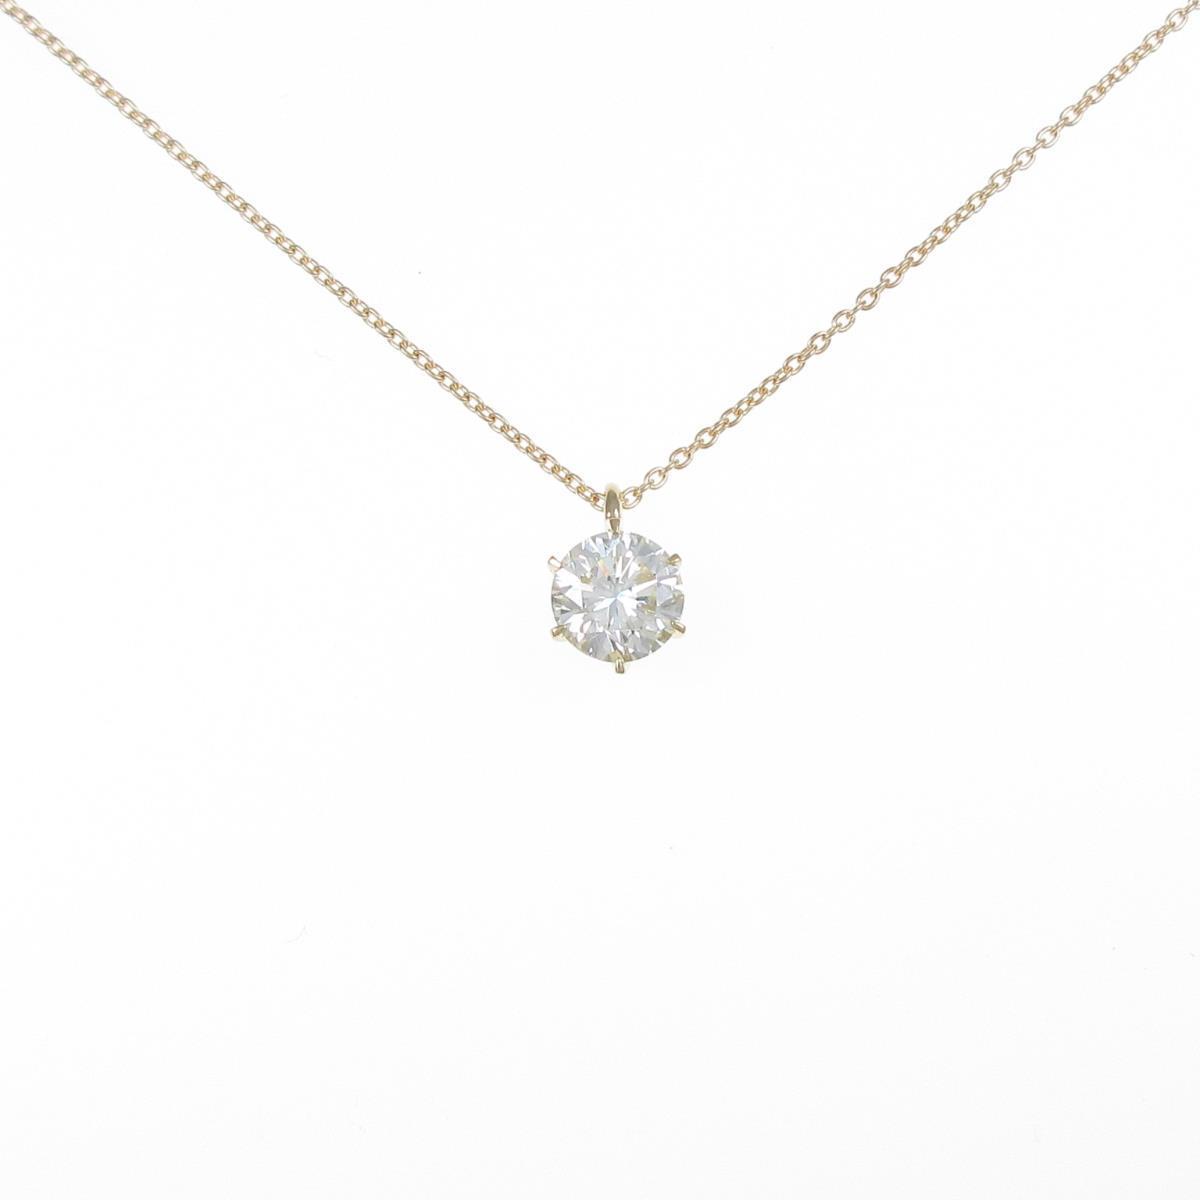 【リメイク】K18YGダイヤモンドネックレス 1.005ct・VLY・SI1・VG【中古】